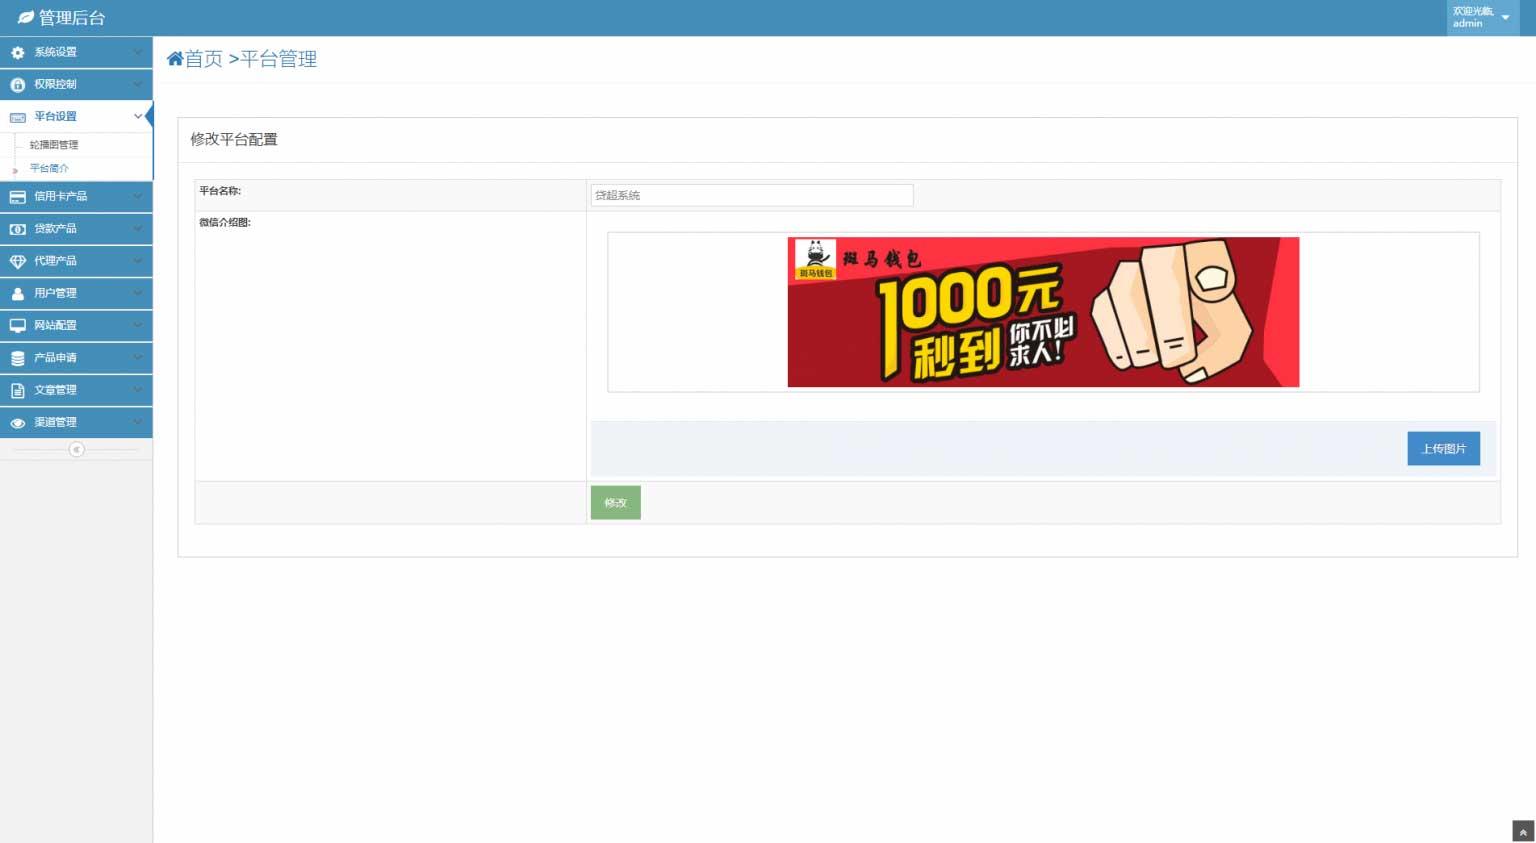 鹤云资源博客-【借贷超市】收集集合网络借贷系统综合网站源码插图6